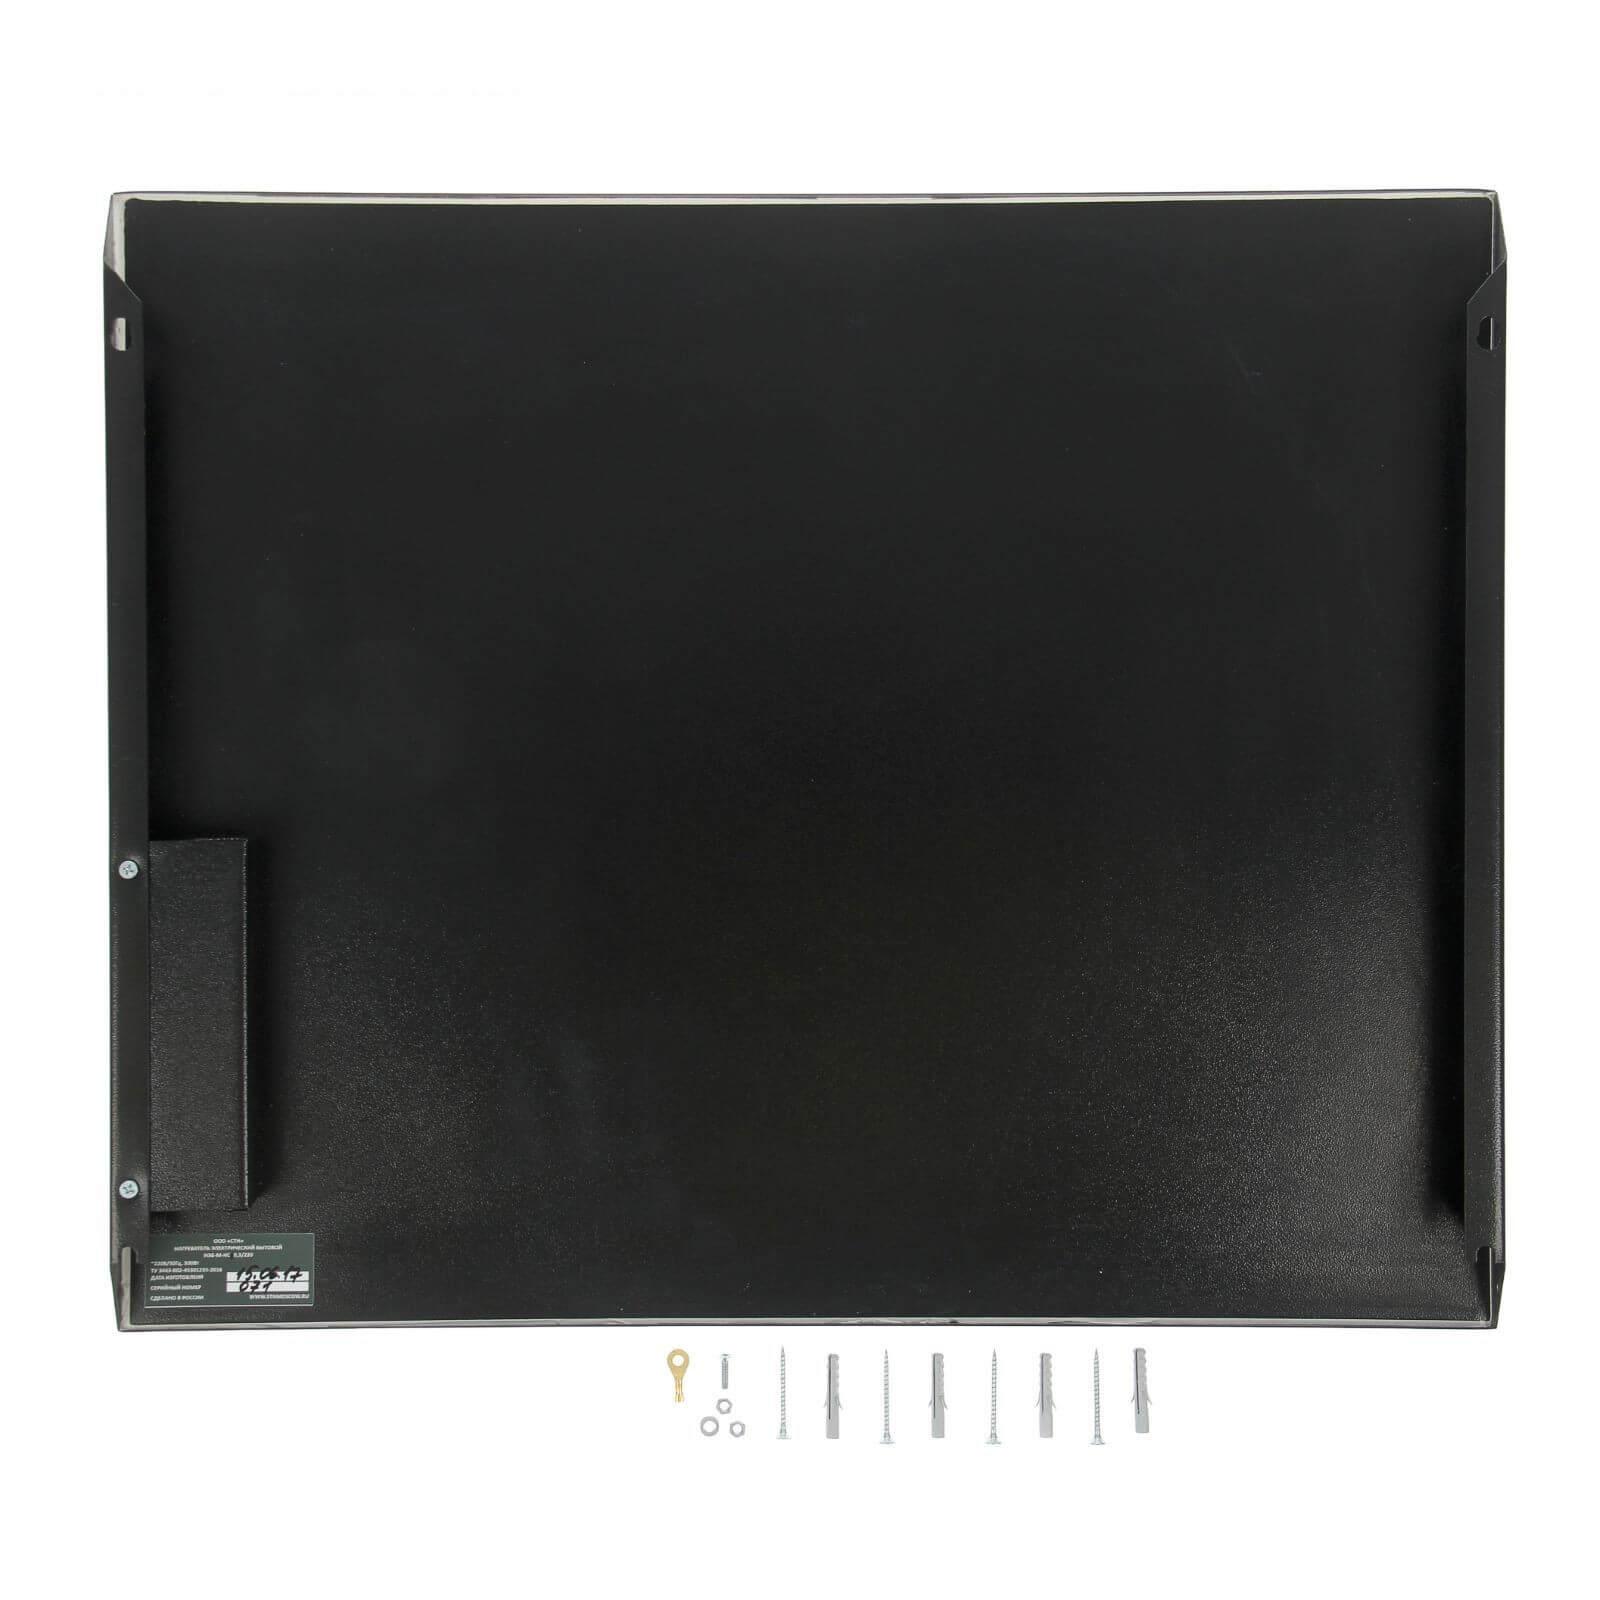 Нагревательная панель СТН белая 300 Вт НЭБ-М-НС 0,3 без терморегулятора